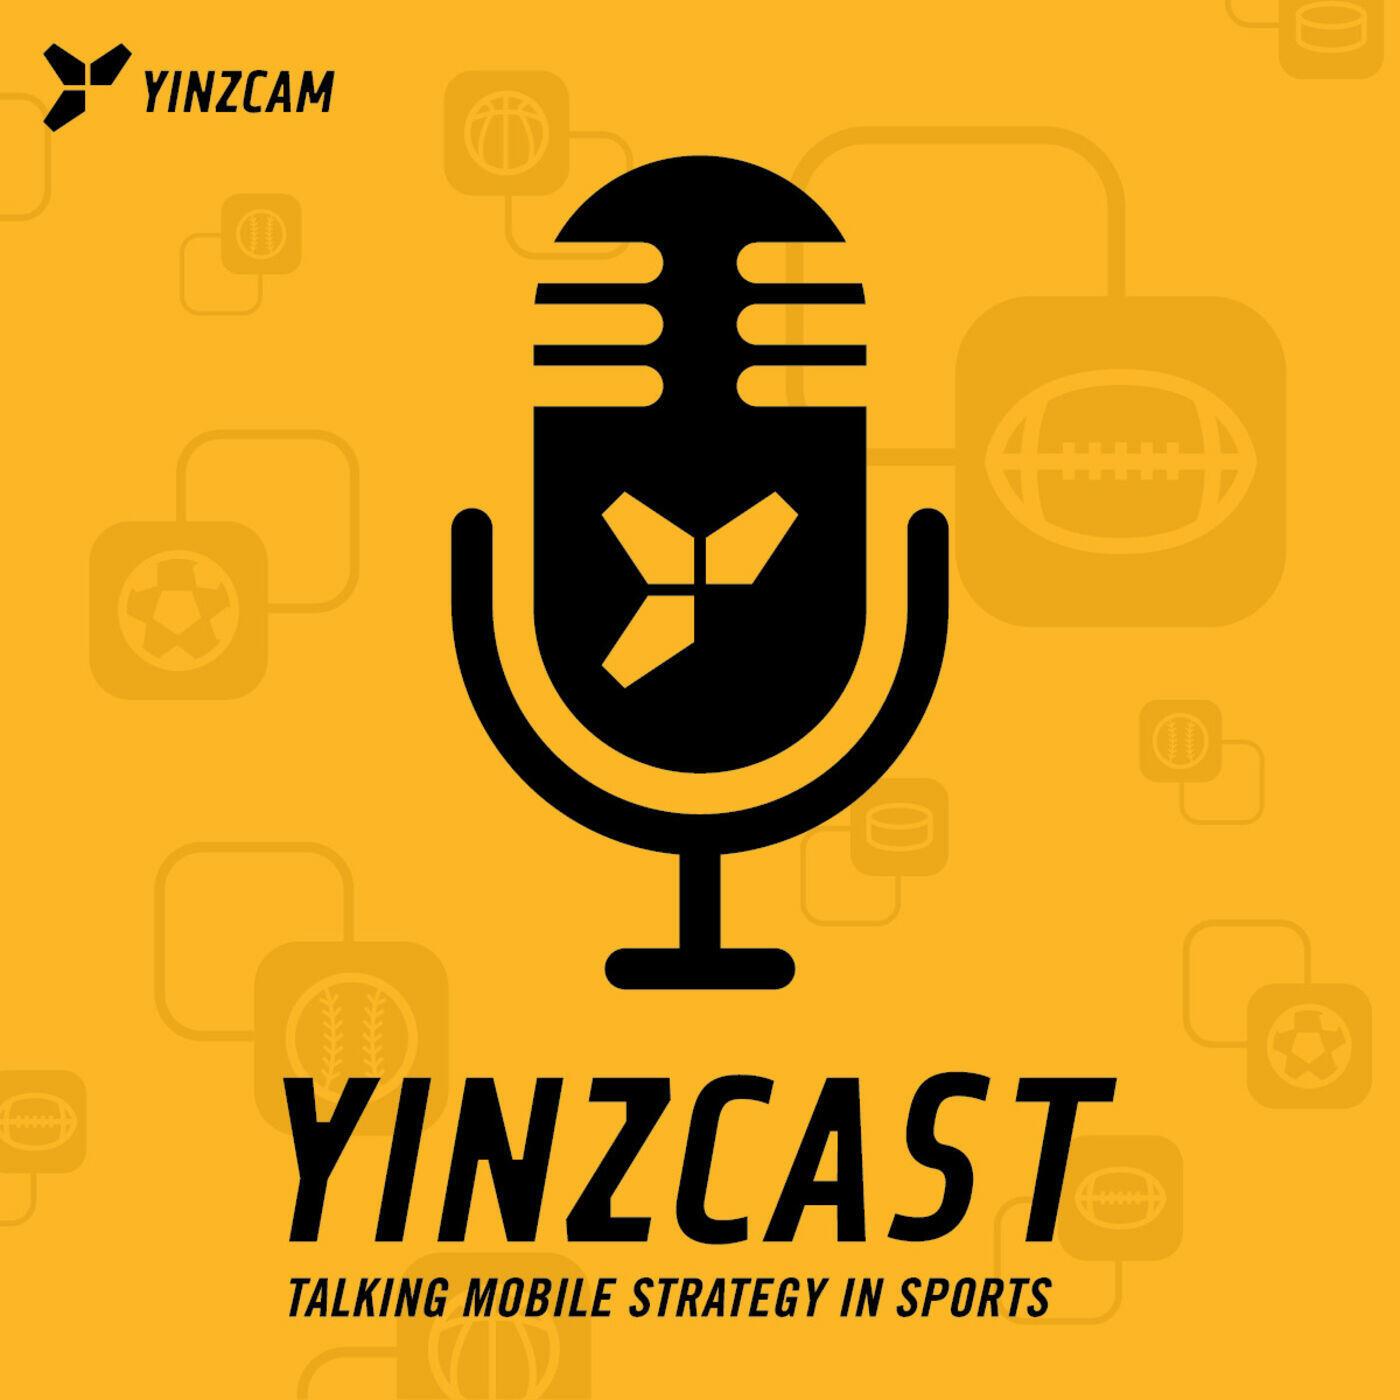 YinzCast